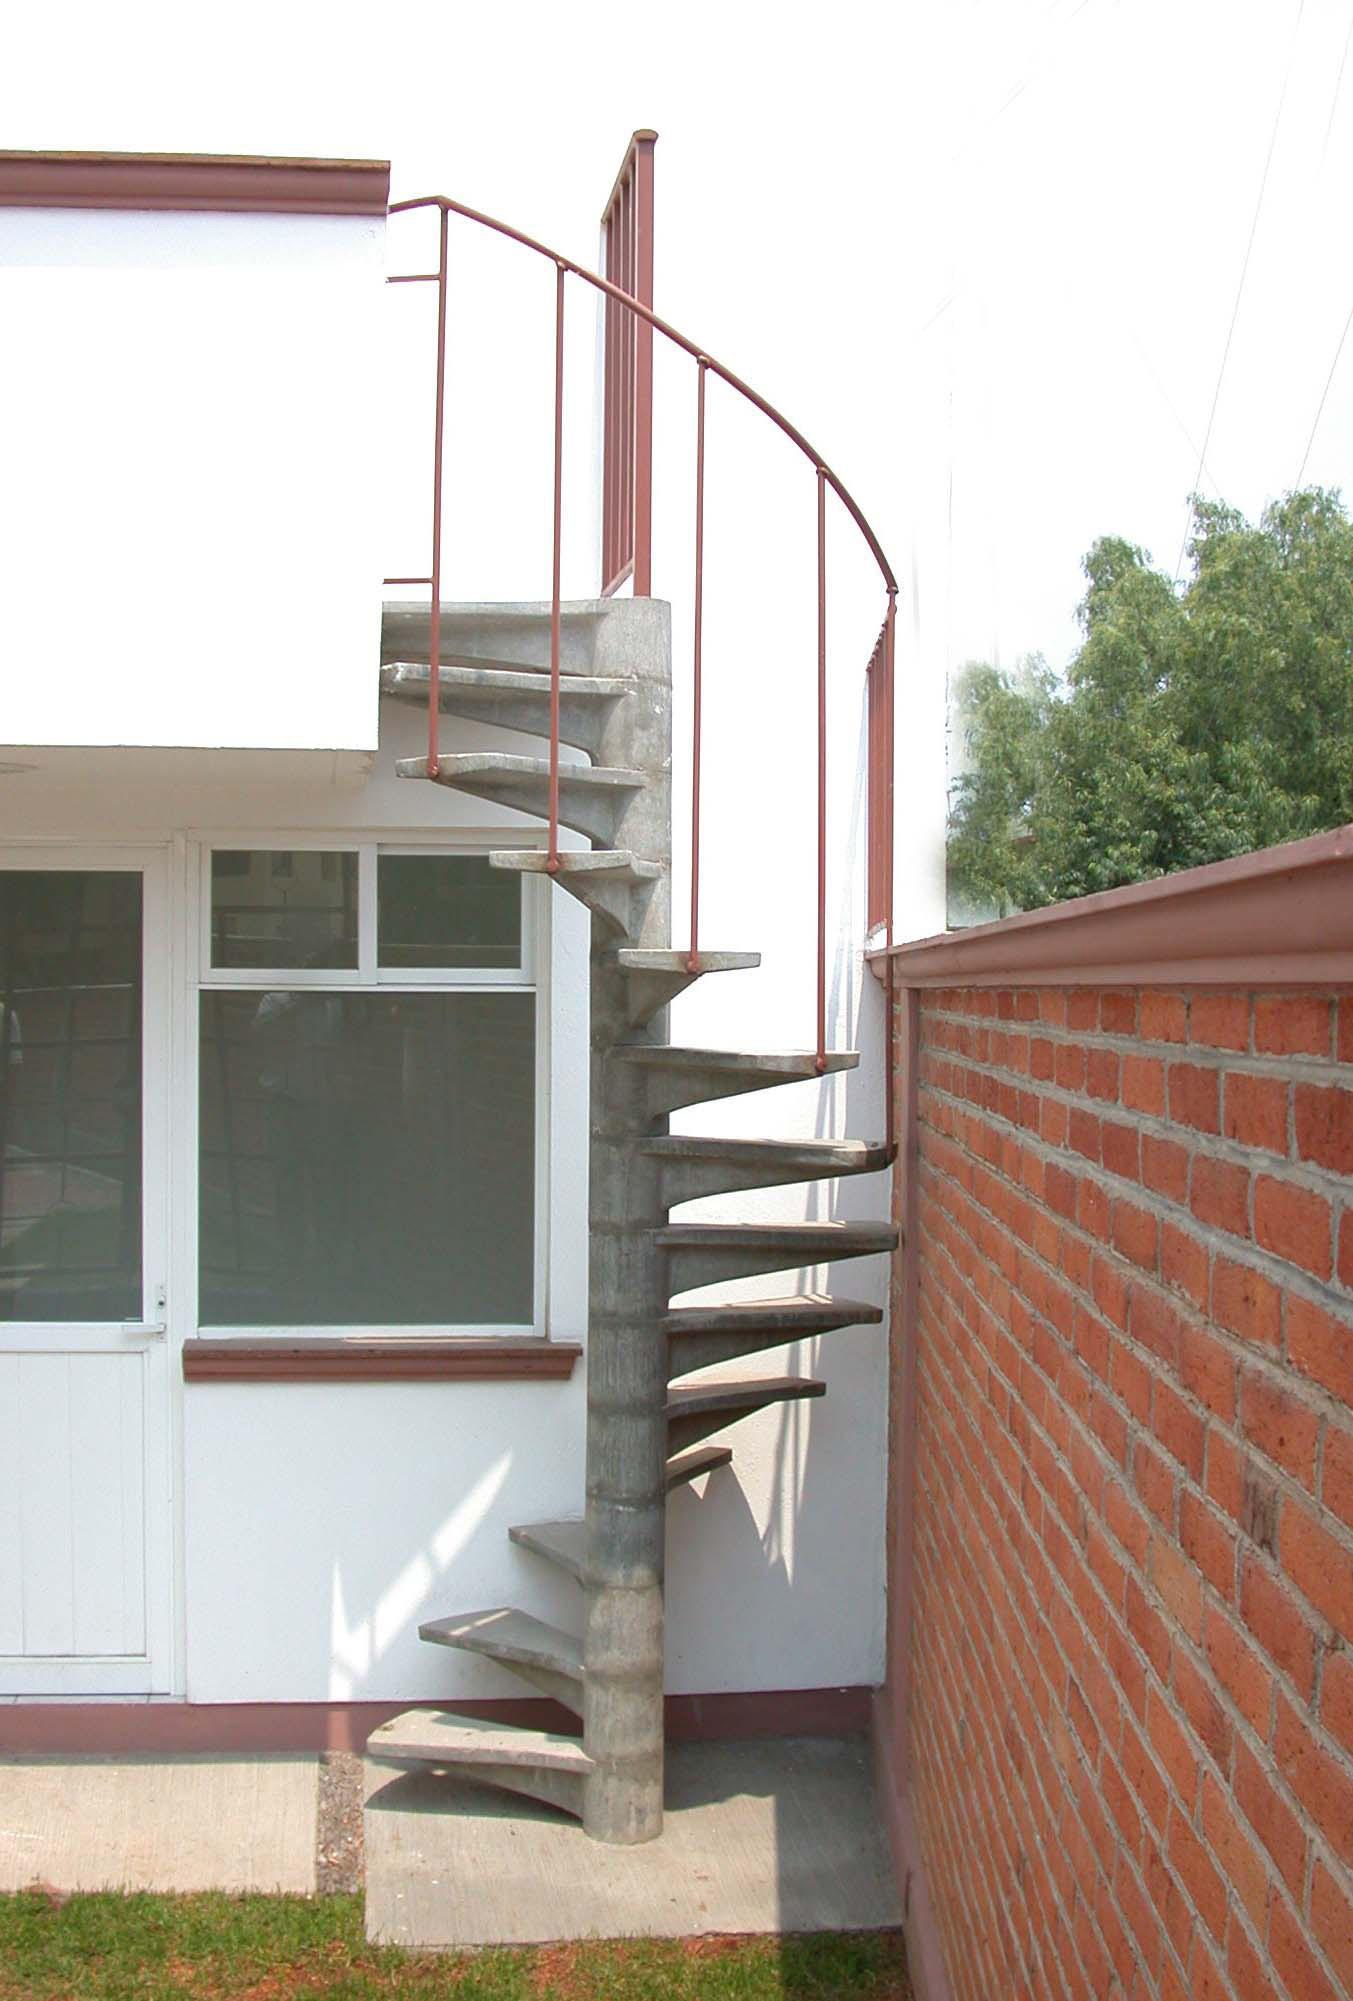 Escaleras de caracol escalera de caracol modelo carla - Escalera de caracol precio ...